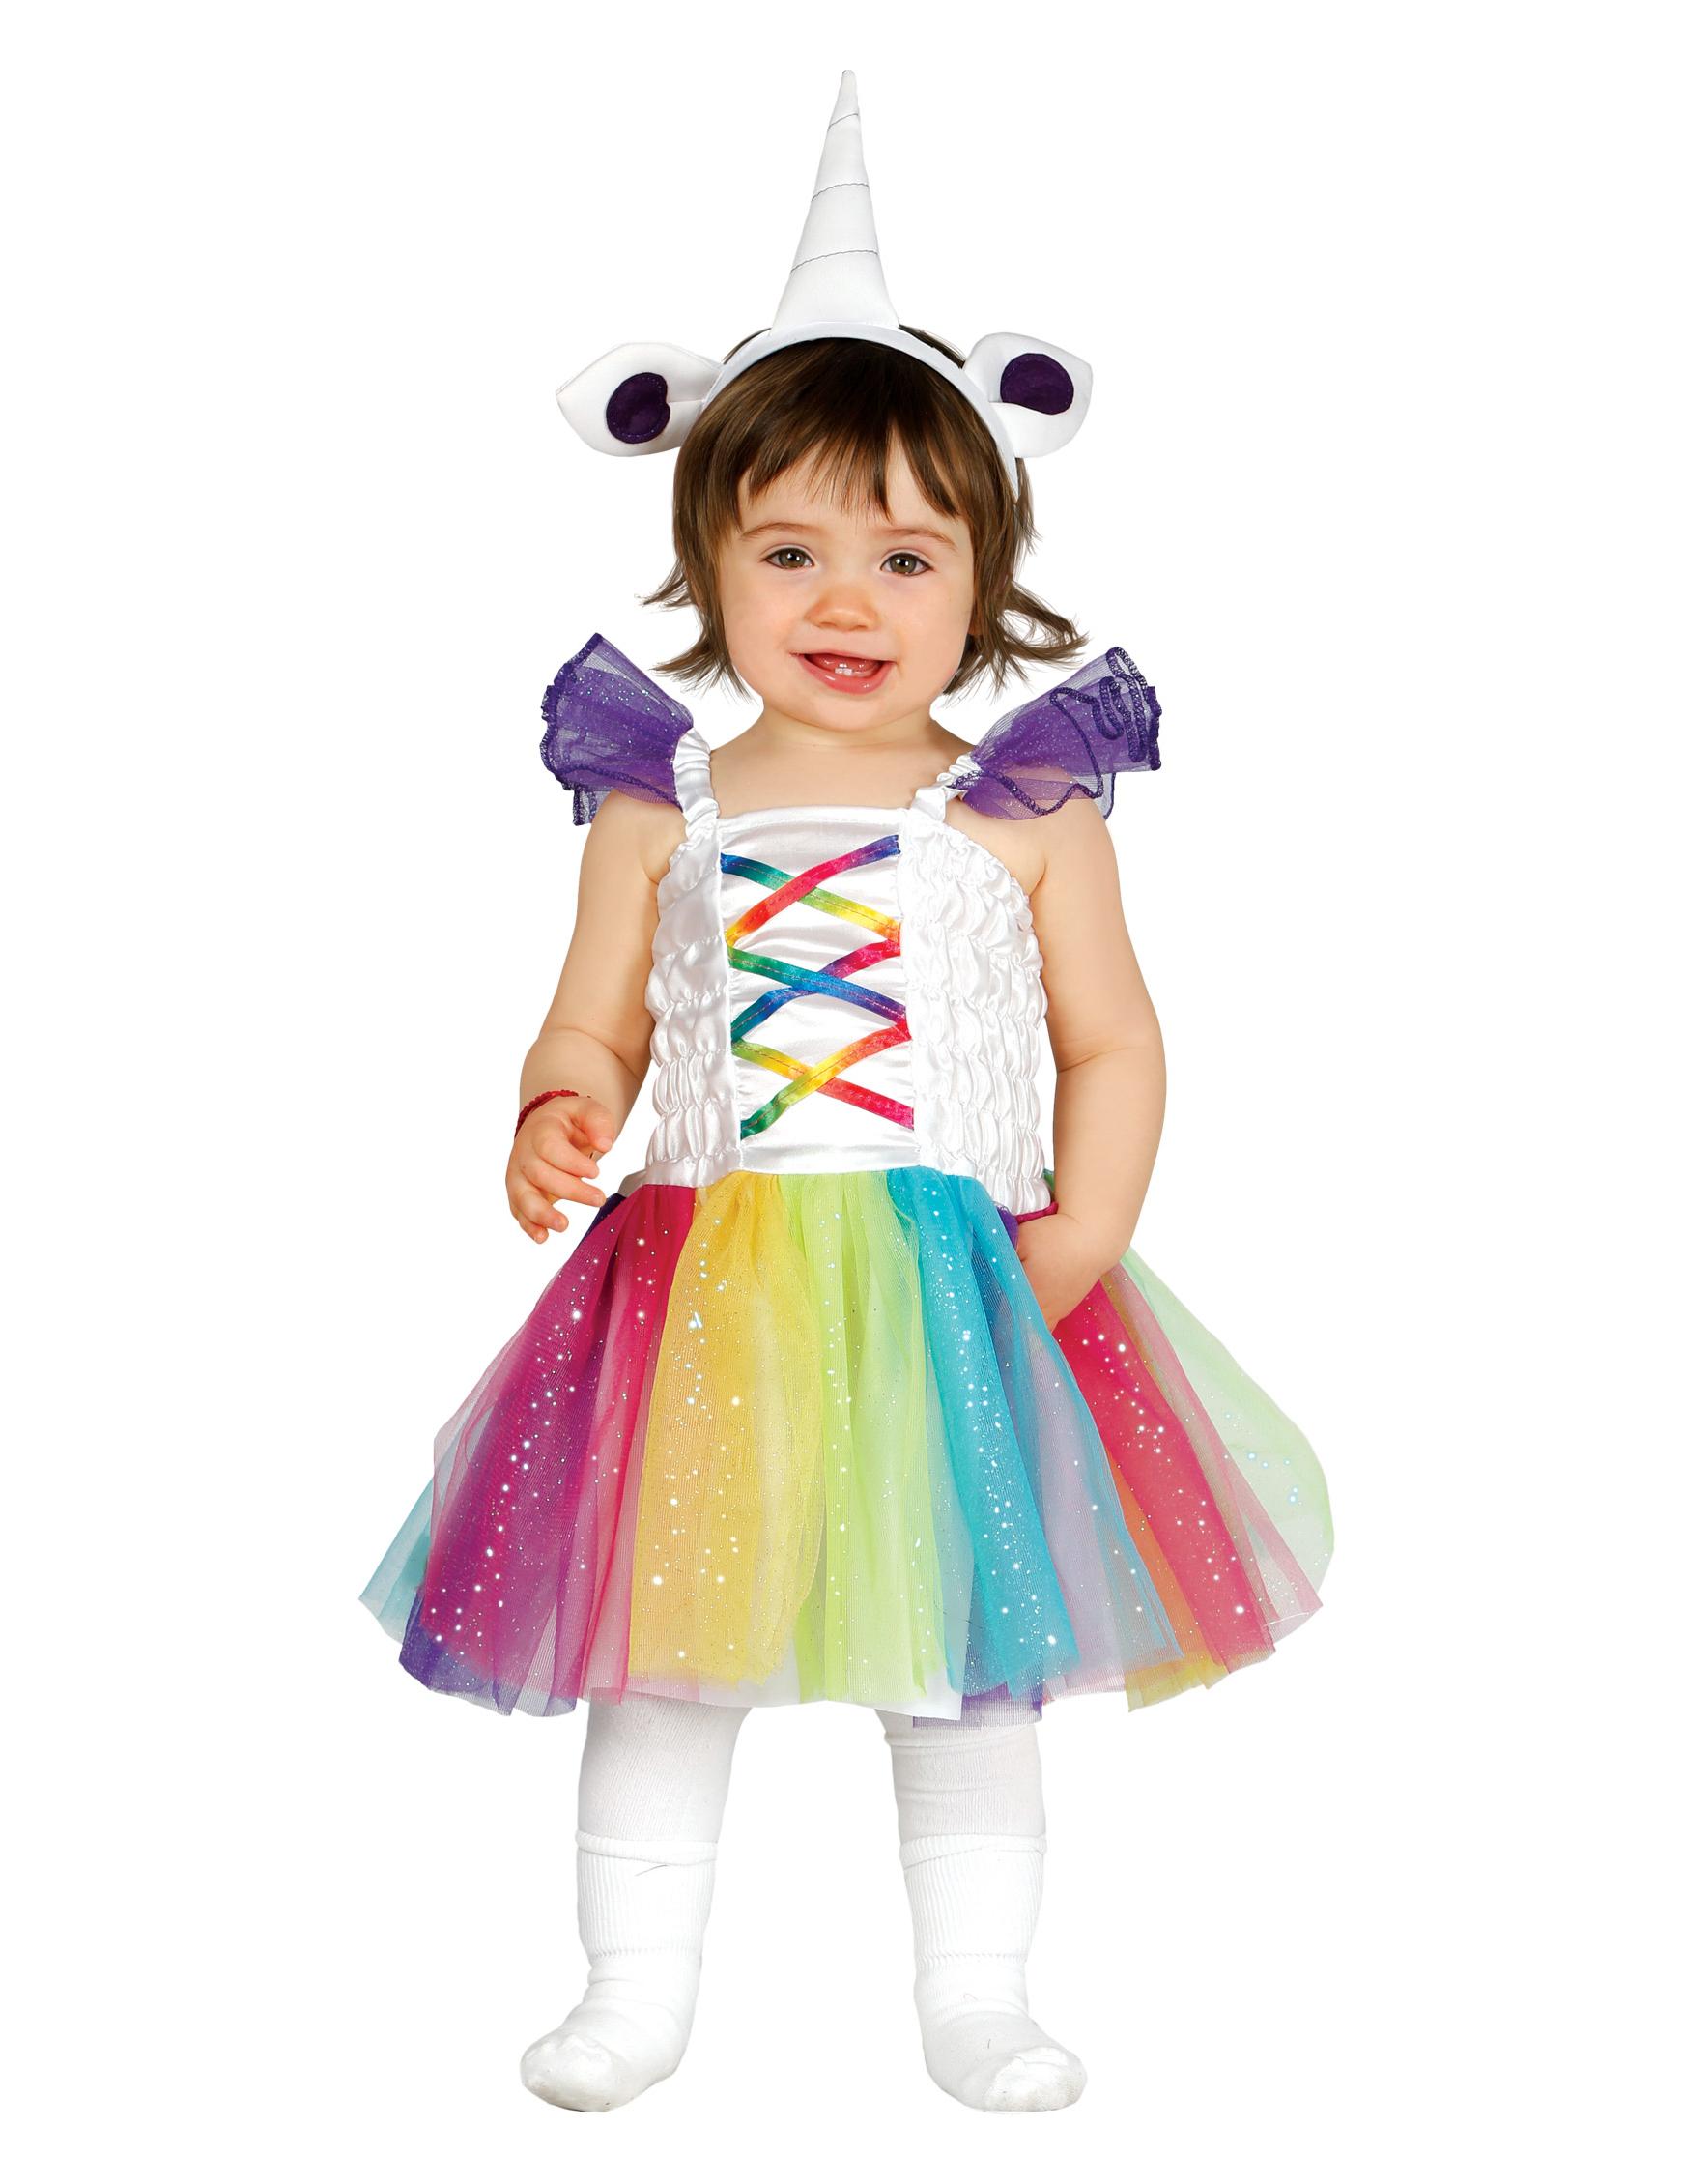 Kleines Einhorn Kostum Fur Kinder